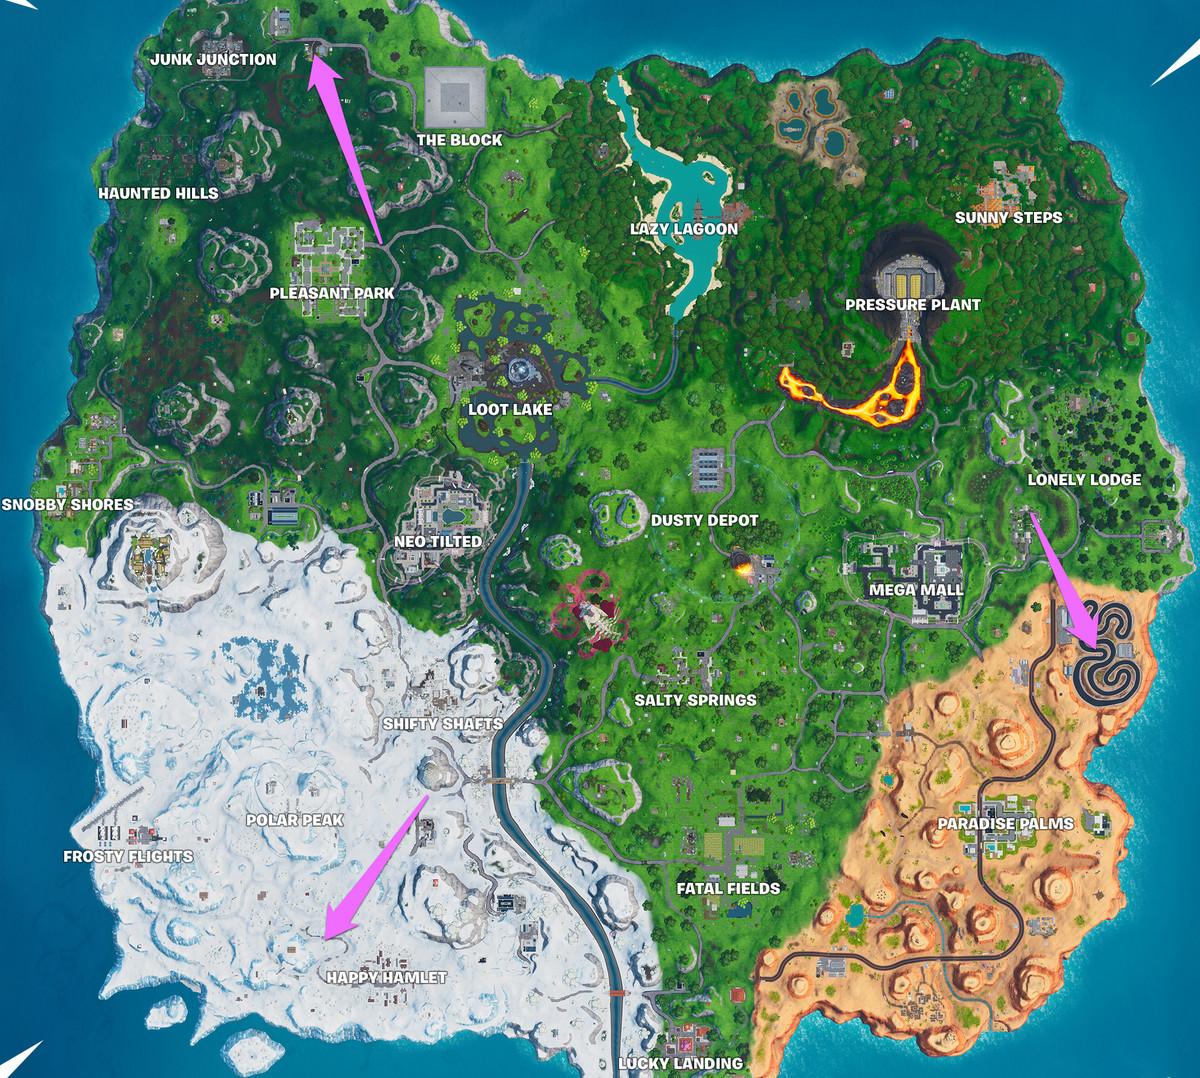 أ Fortnite الخريطة مع مواقع ثلاثة مضامير السباق